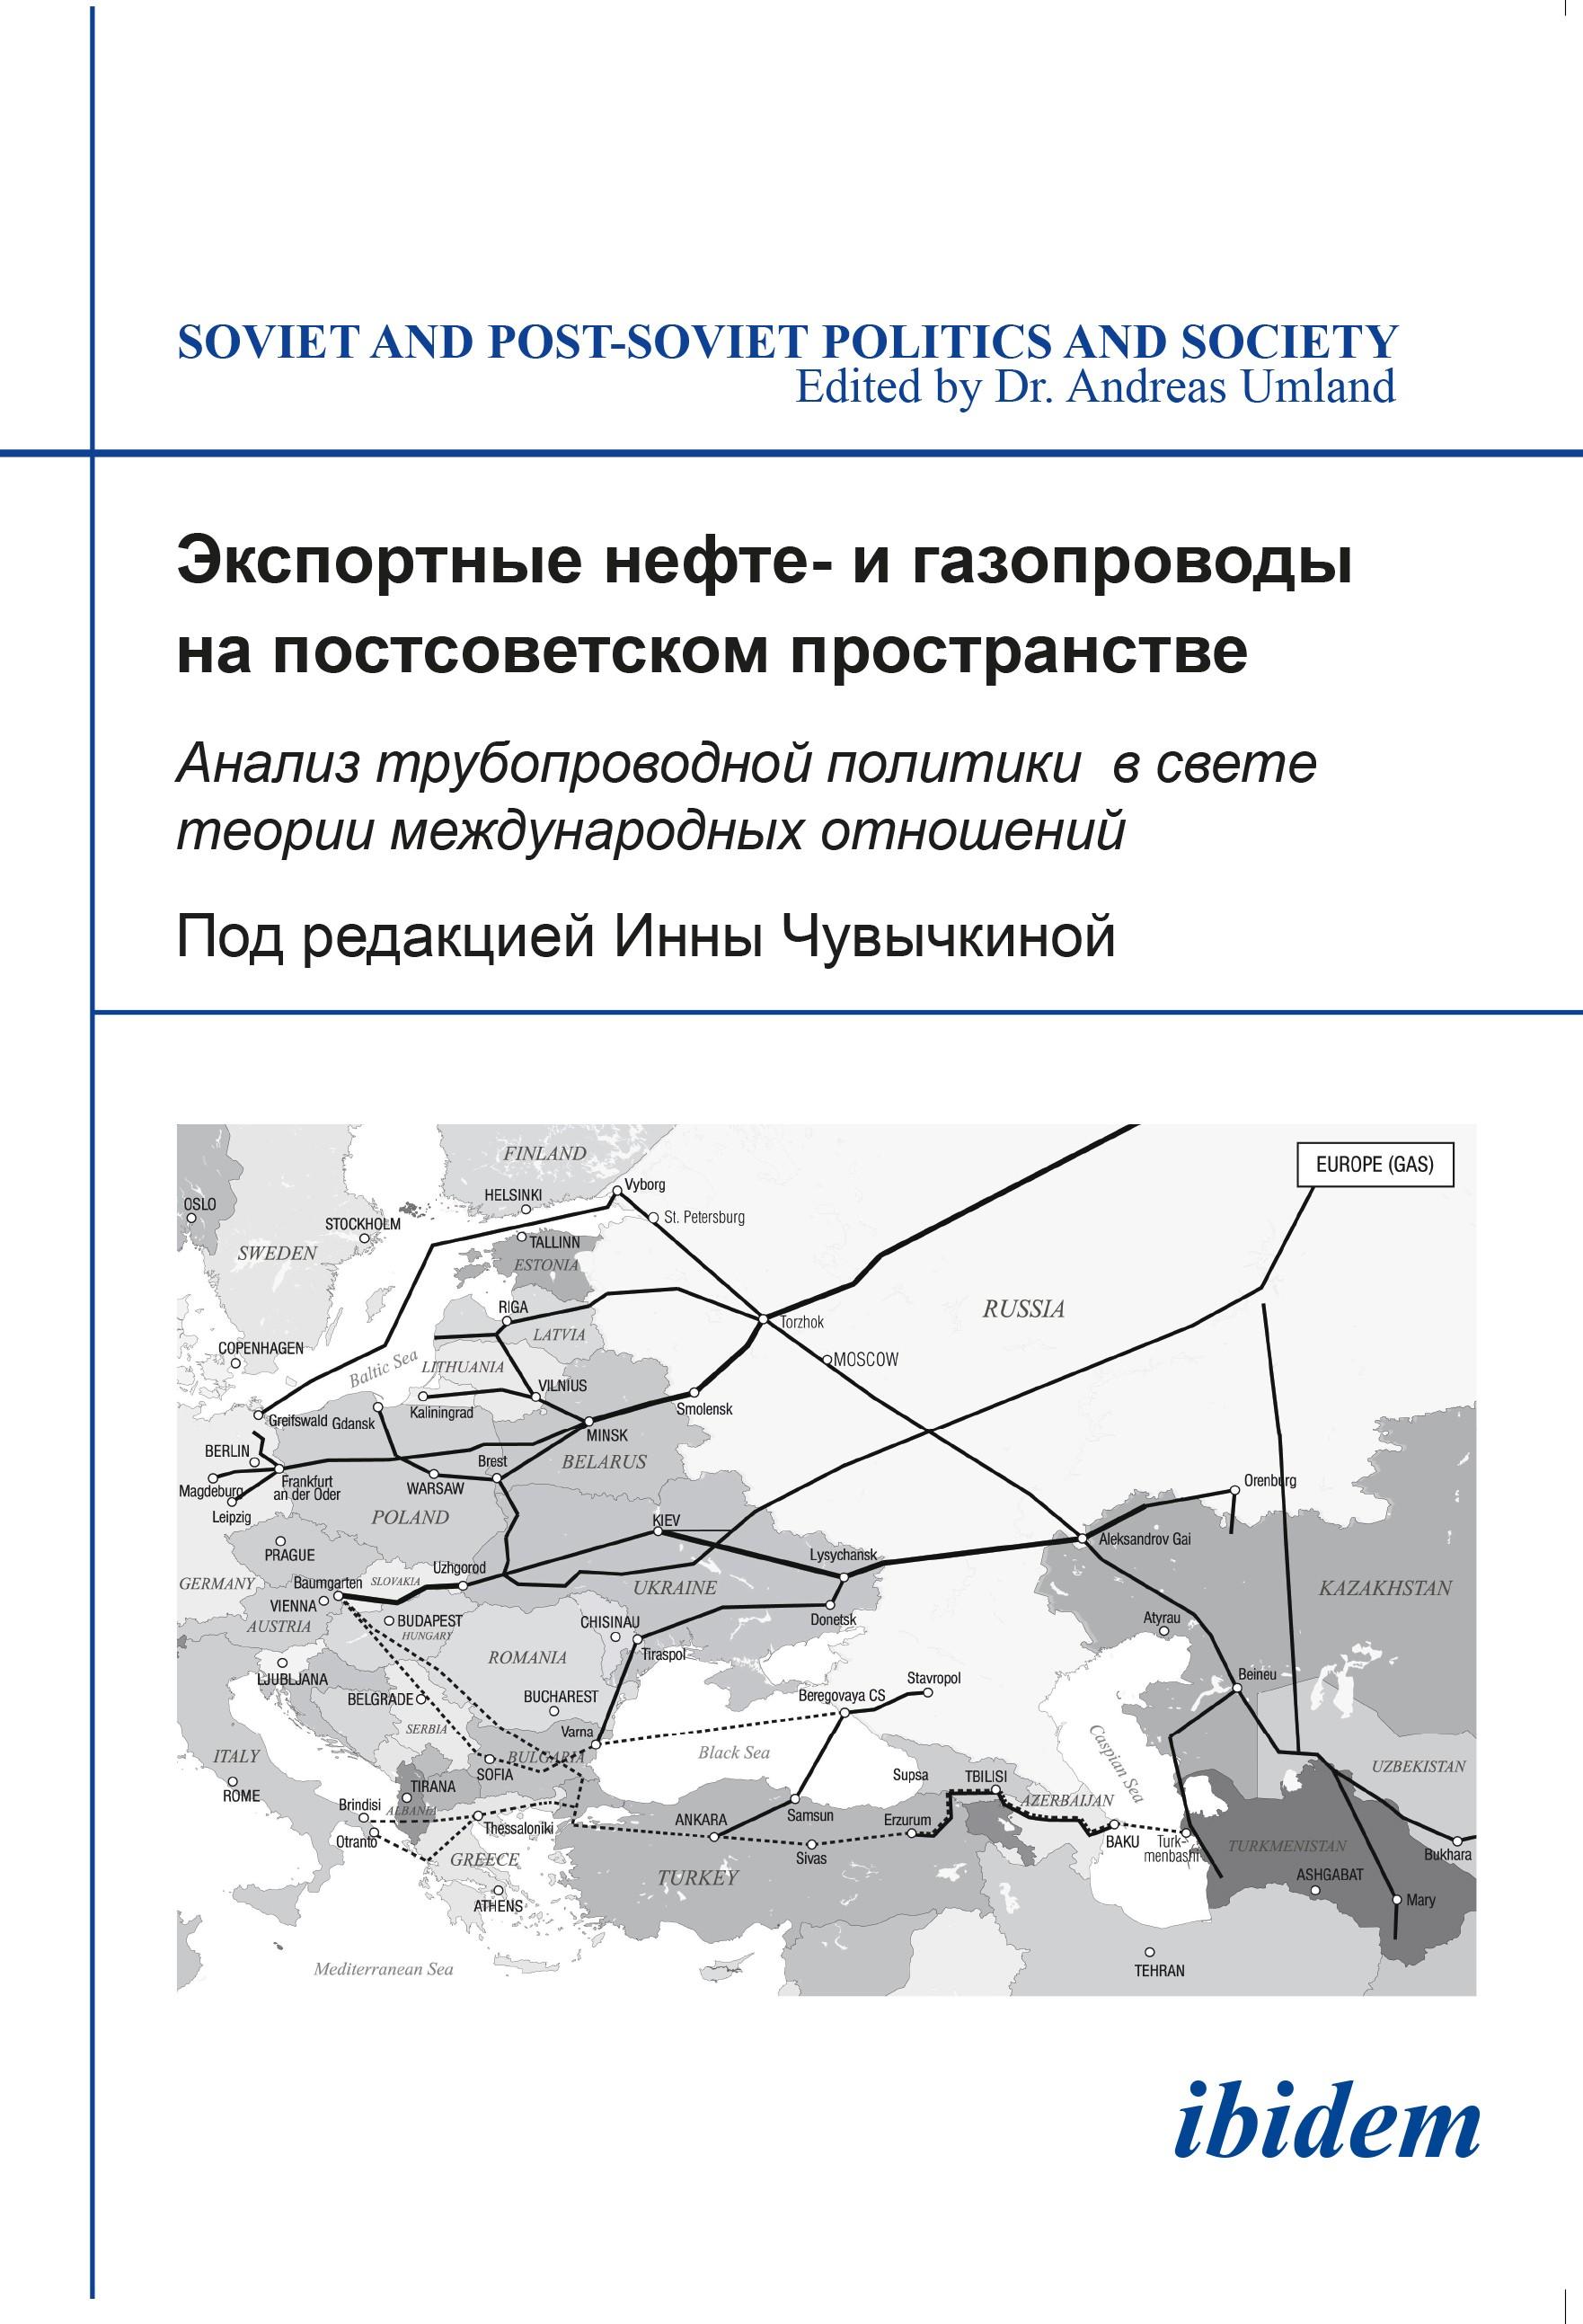 Esportnye truboprovody na postsovetskom prostranstve